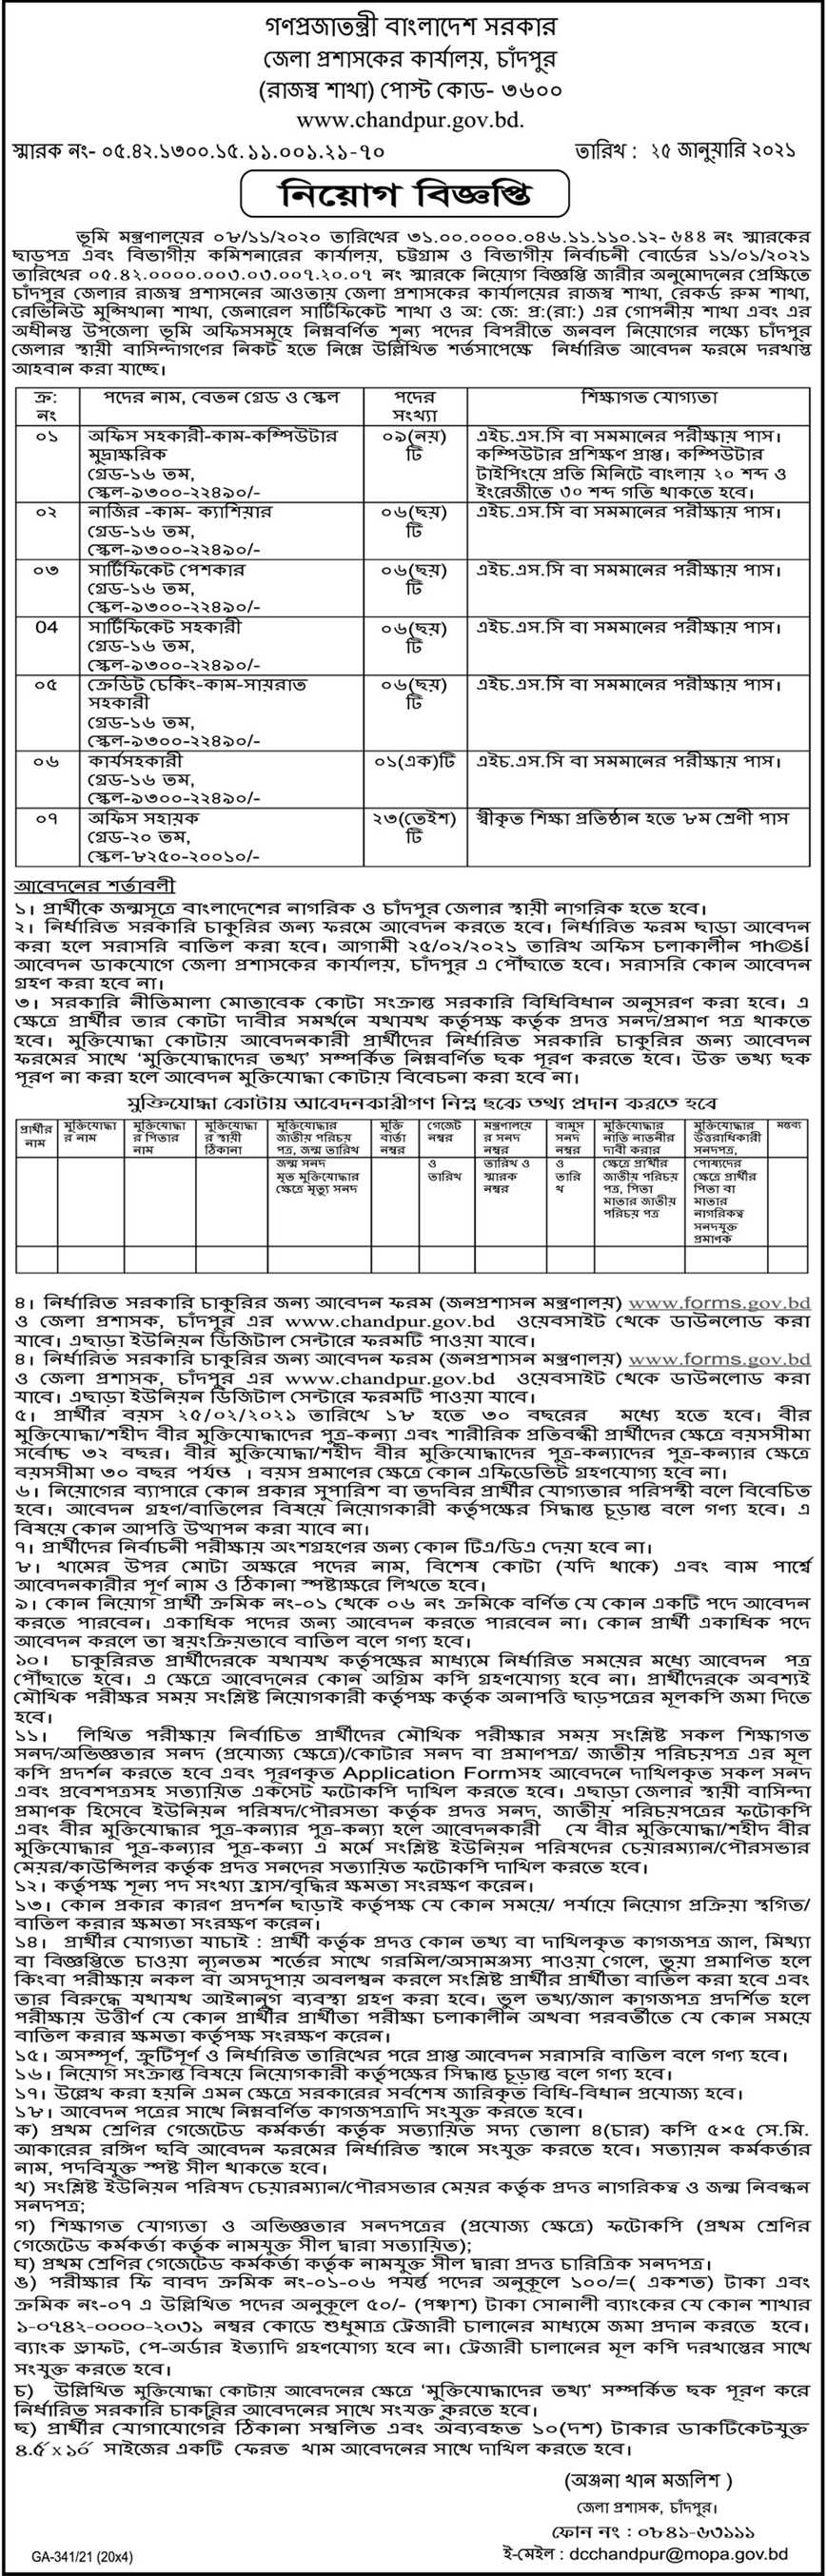 চাঁদপুর জেলা প্রশাসকের কার্যালয়ে নিয়োগ বিজ্ঞপ্তি ২০২১ - chandpur dc office job circular 2021